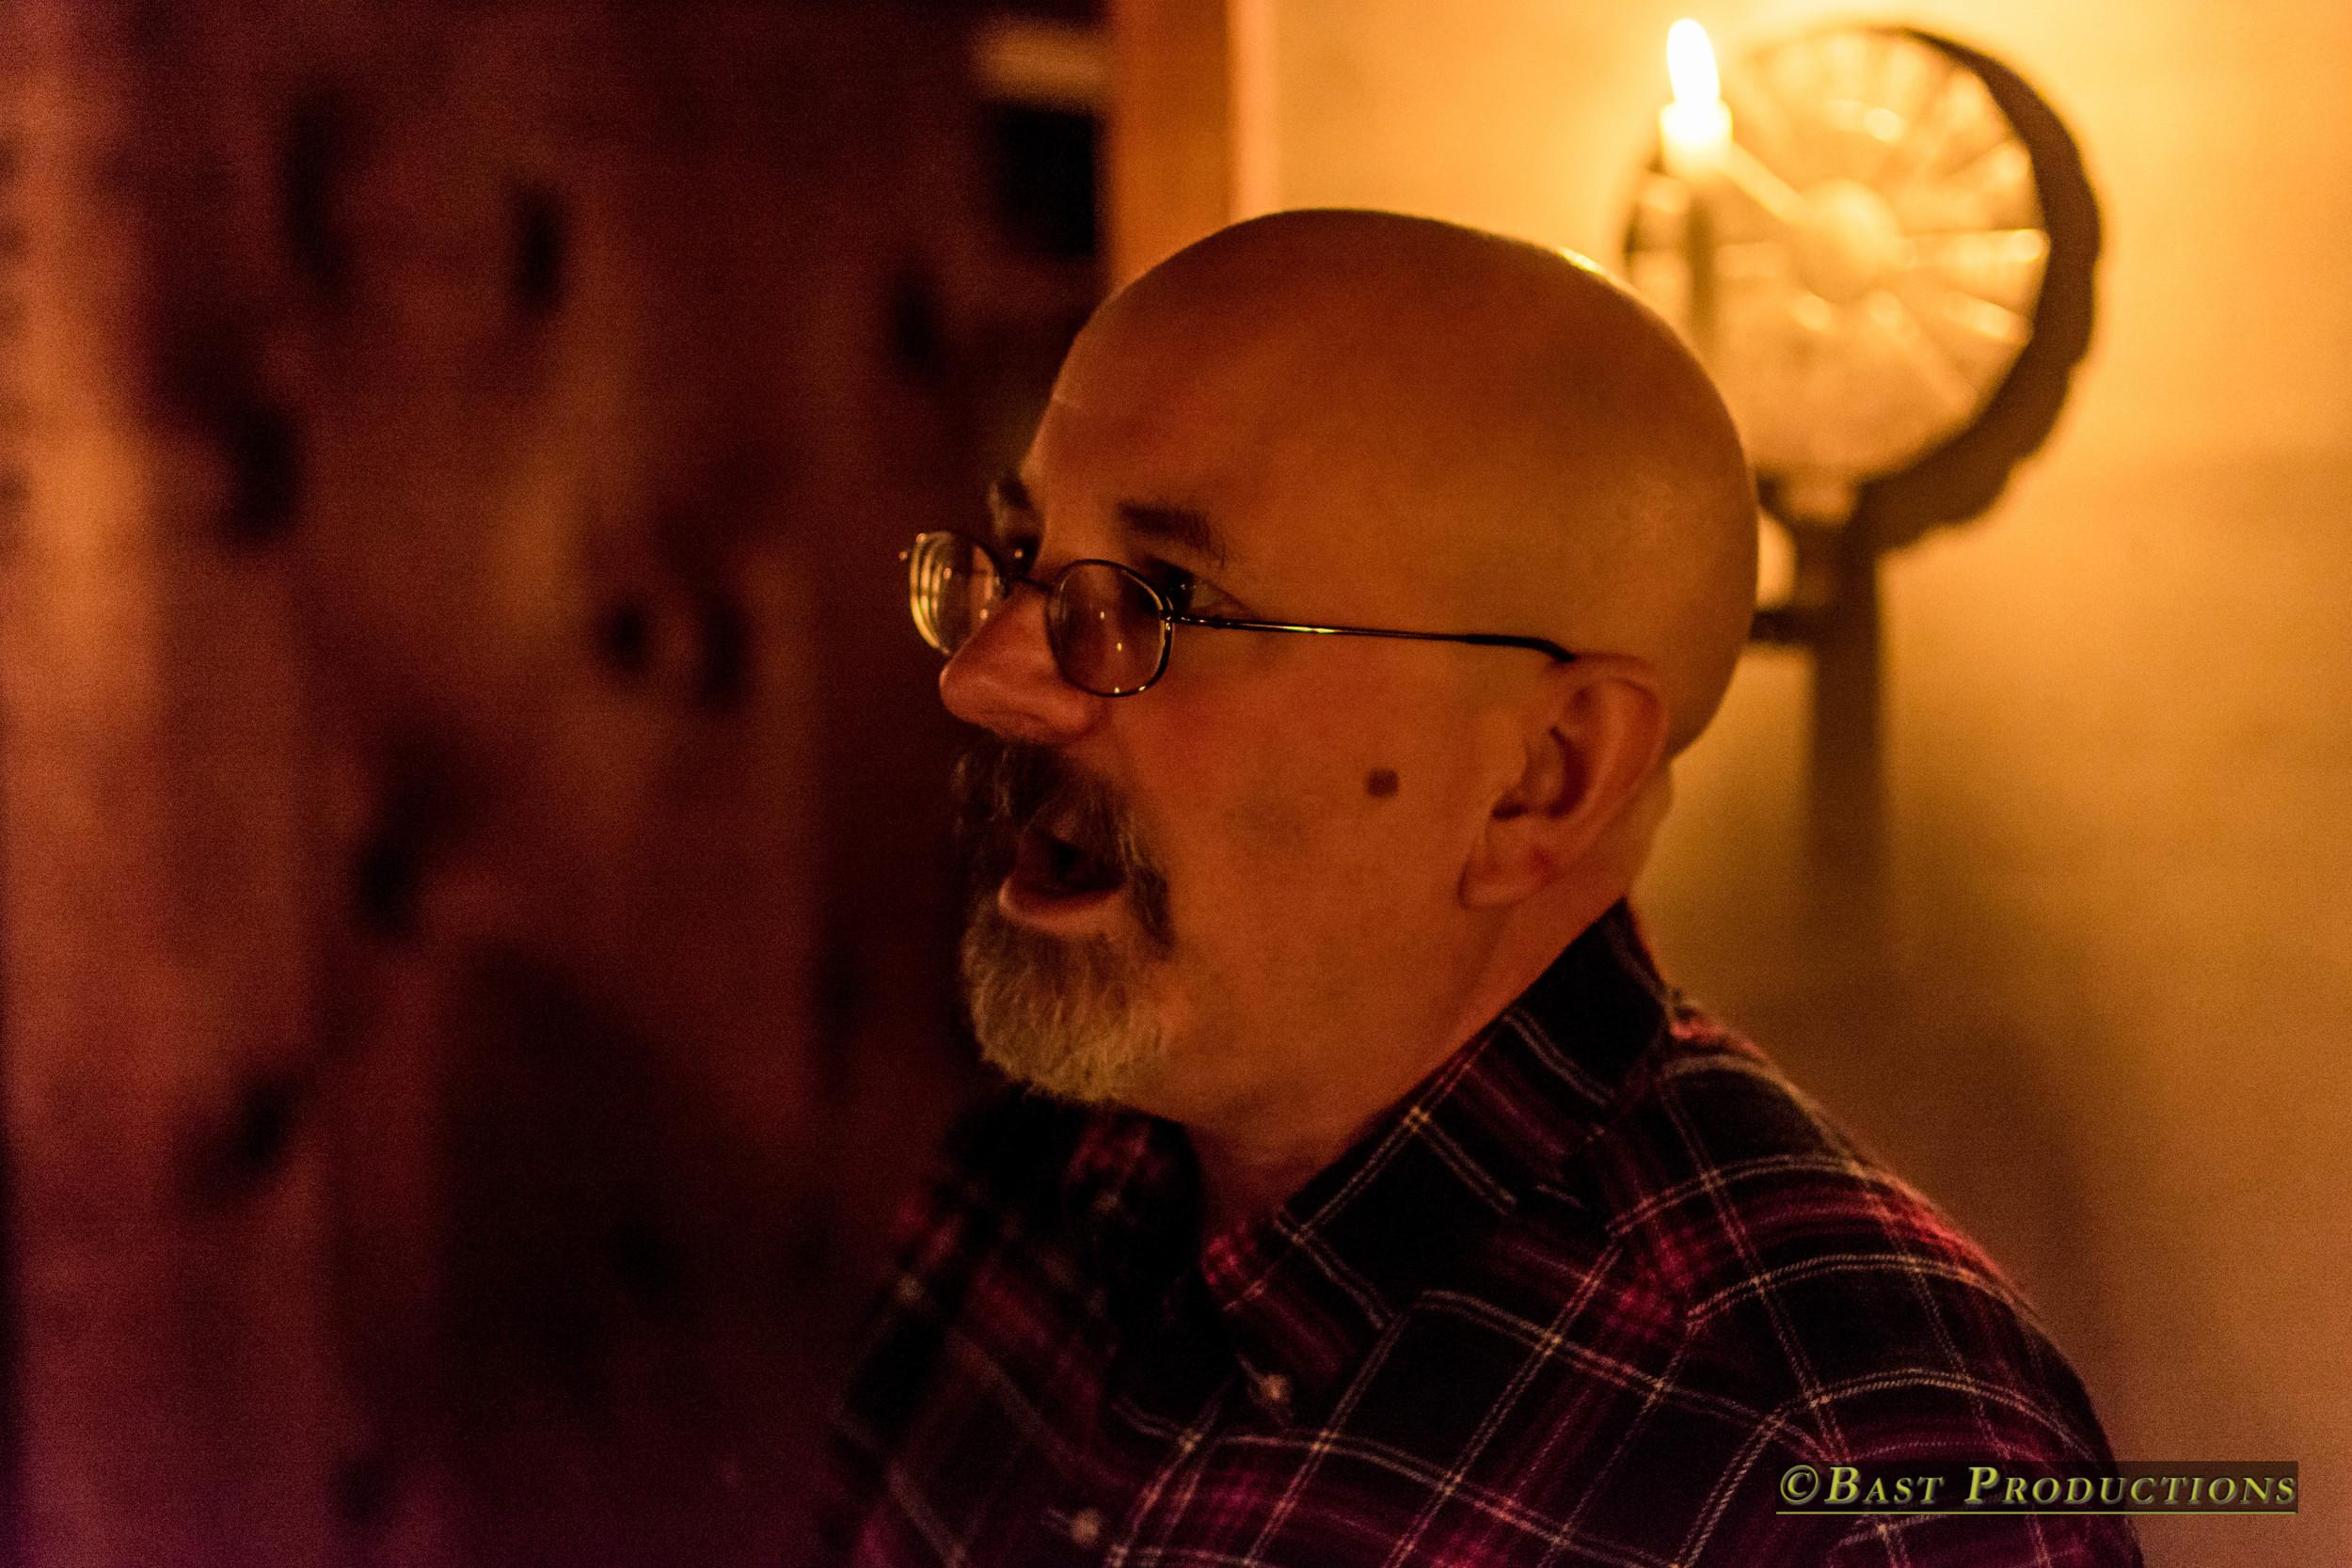 Greg Bullough